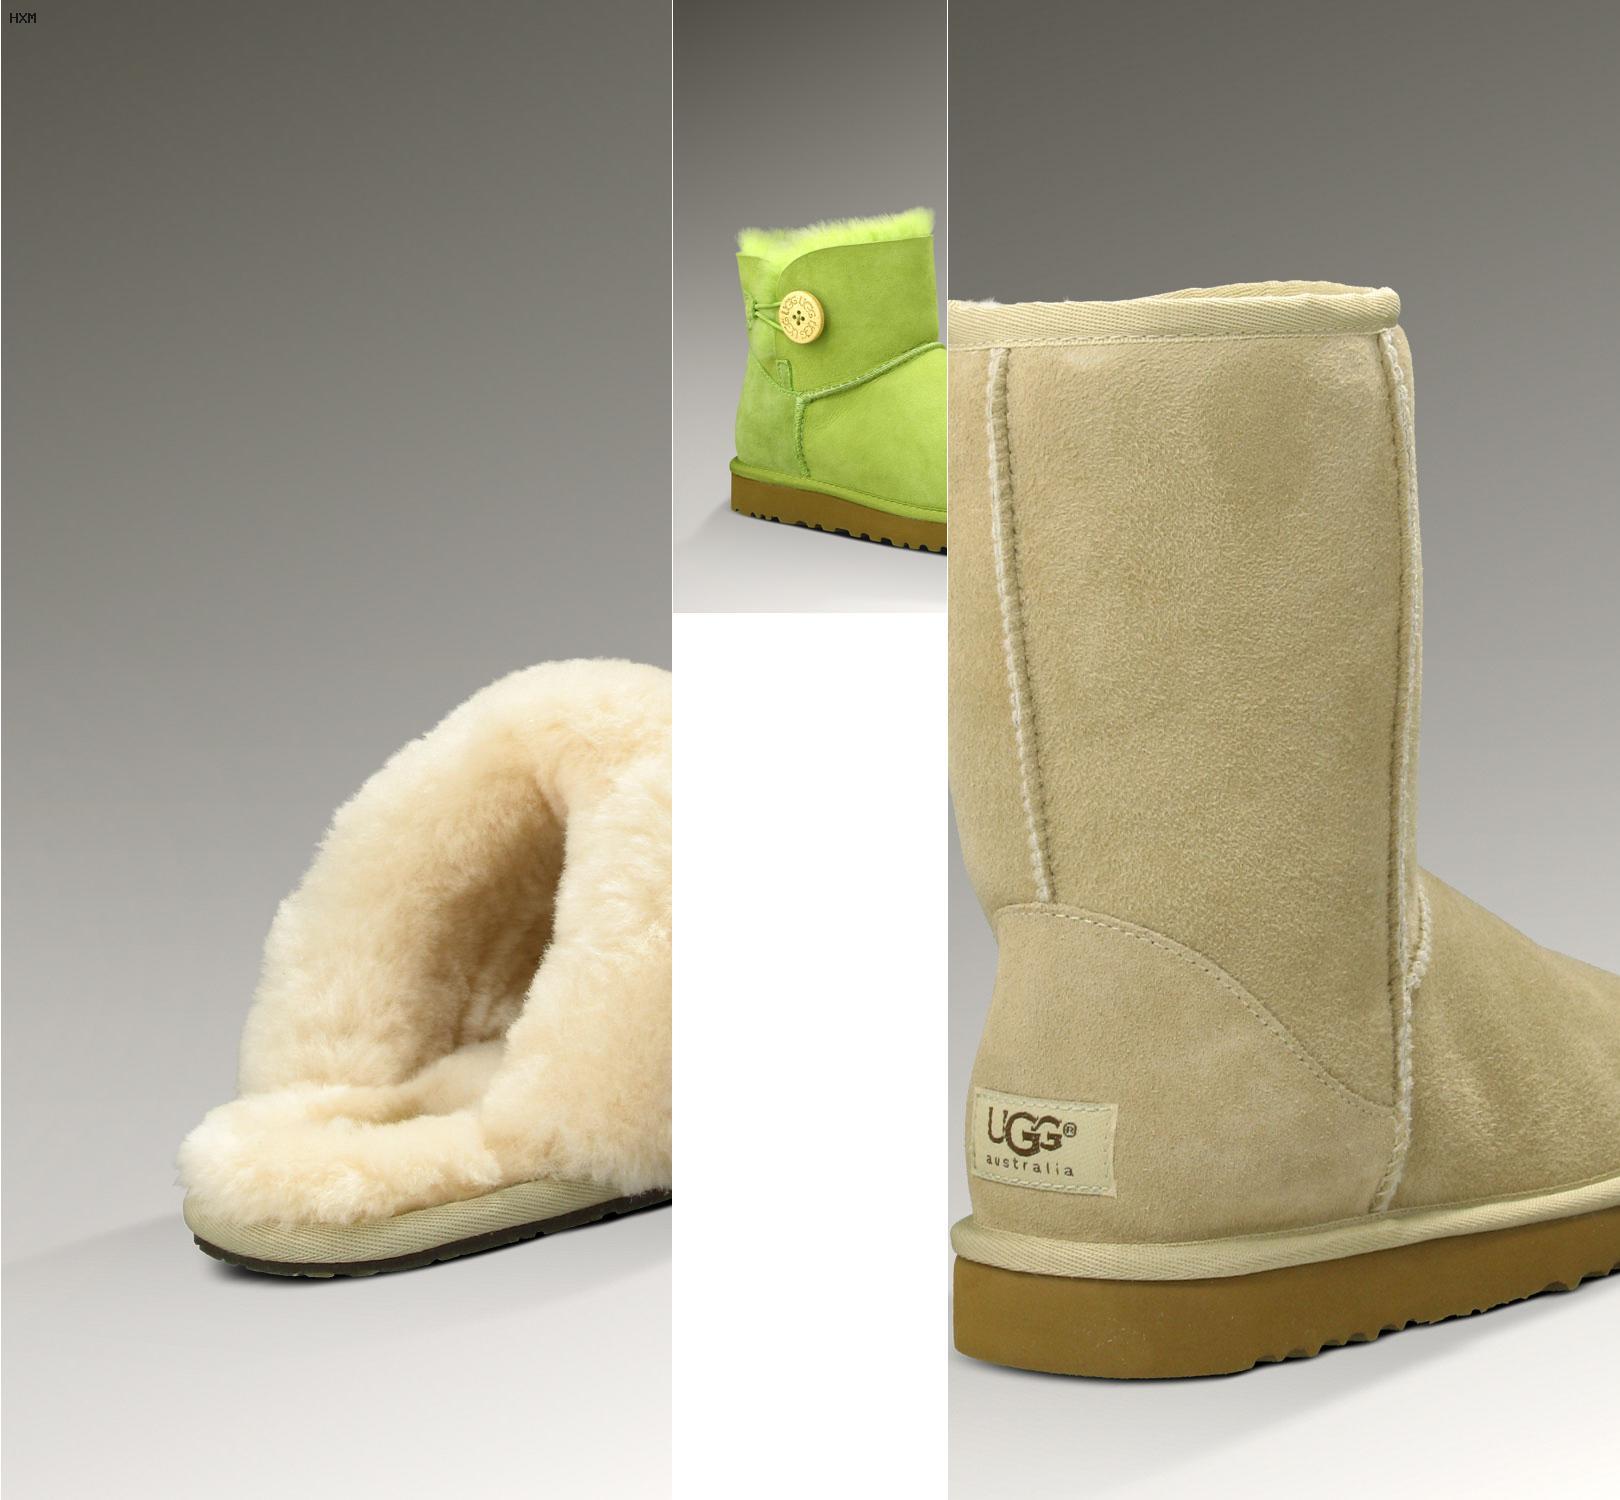 dafc6819e8cc46 ugg boots aus amerika bestellen